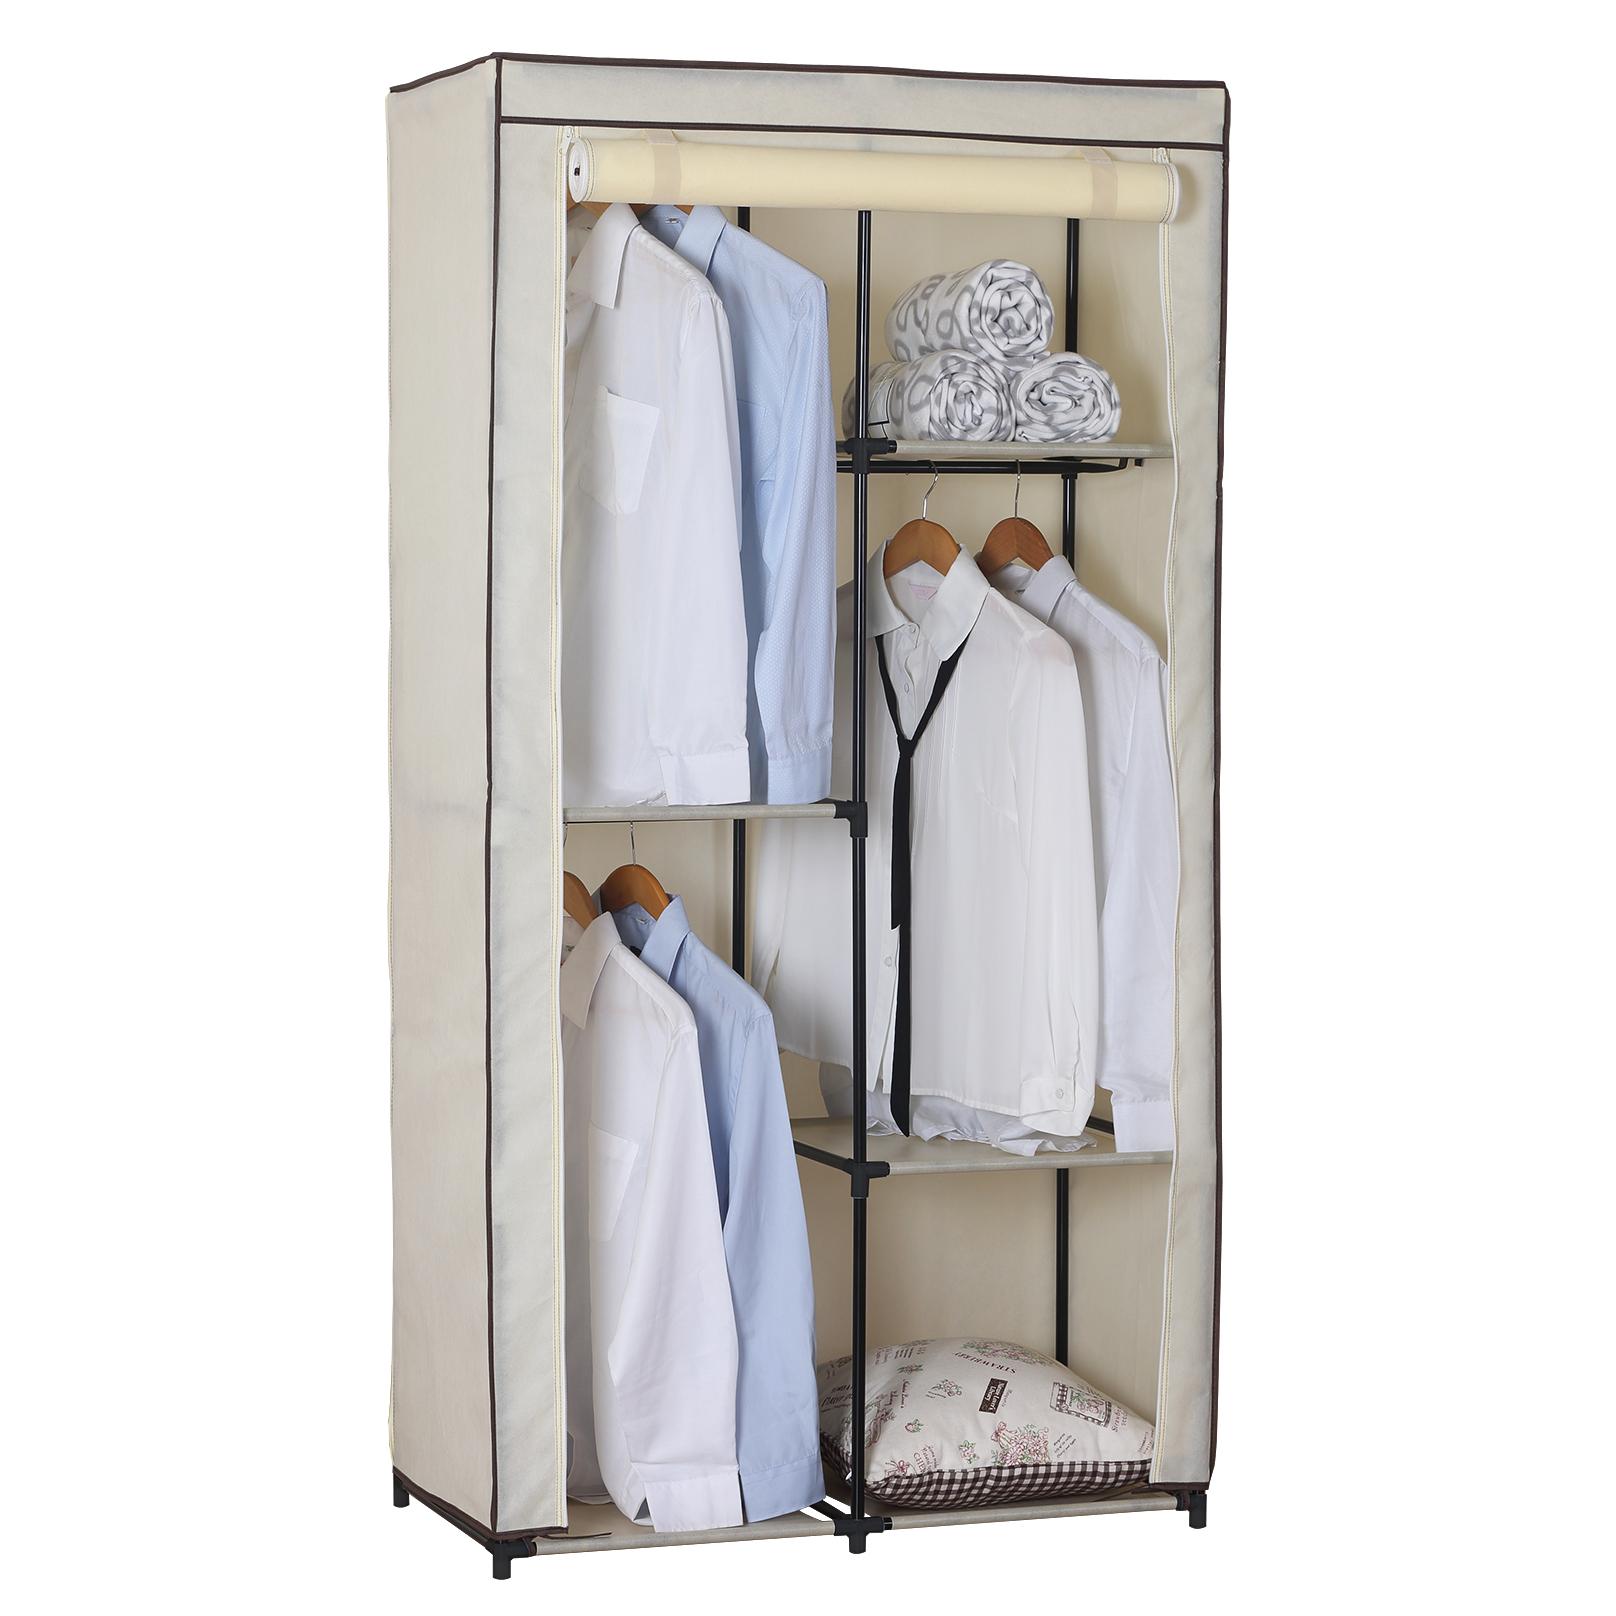 kleiderschrank garderobenschrank campingschrank faltschrank stoff schrank 173 1 ebay. Black Bedroom Furniture Sets. Home Design Ideas